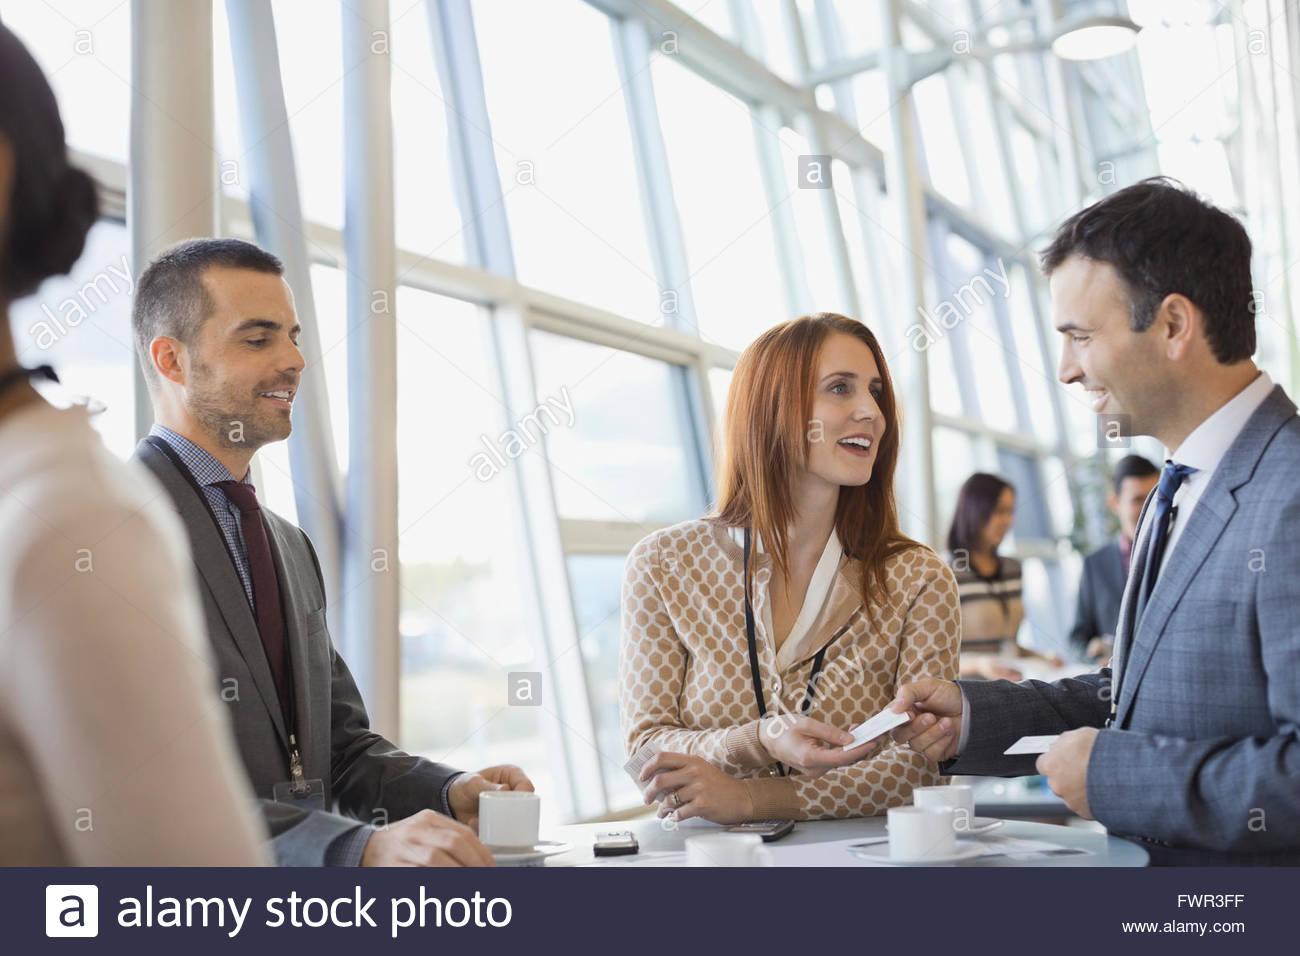 La gente de negocios de intercambiar tarjetas de visita en conferencias Imagen De Stock